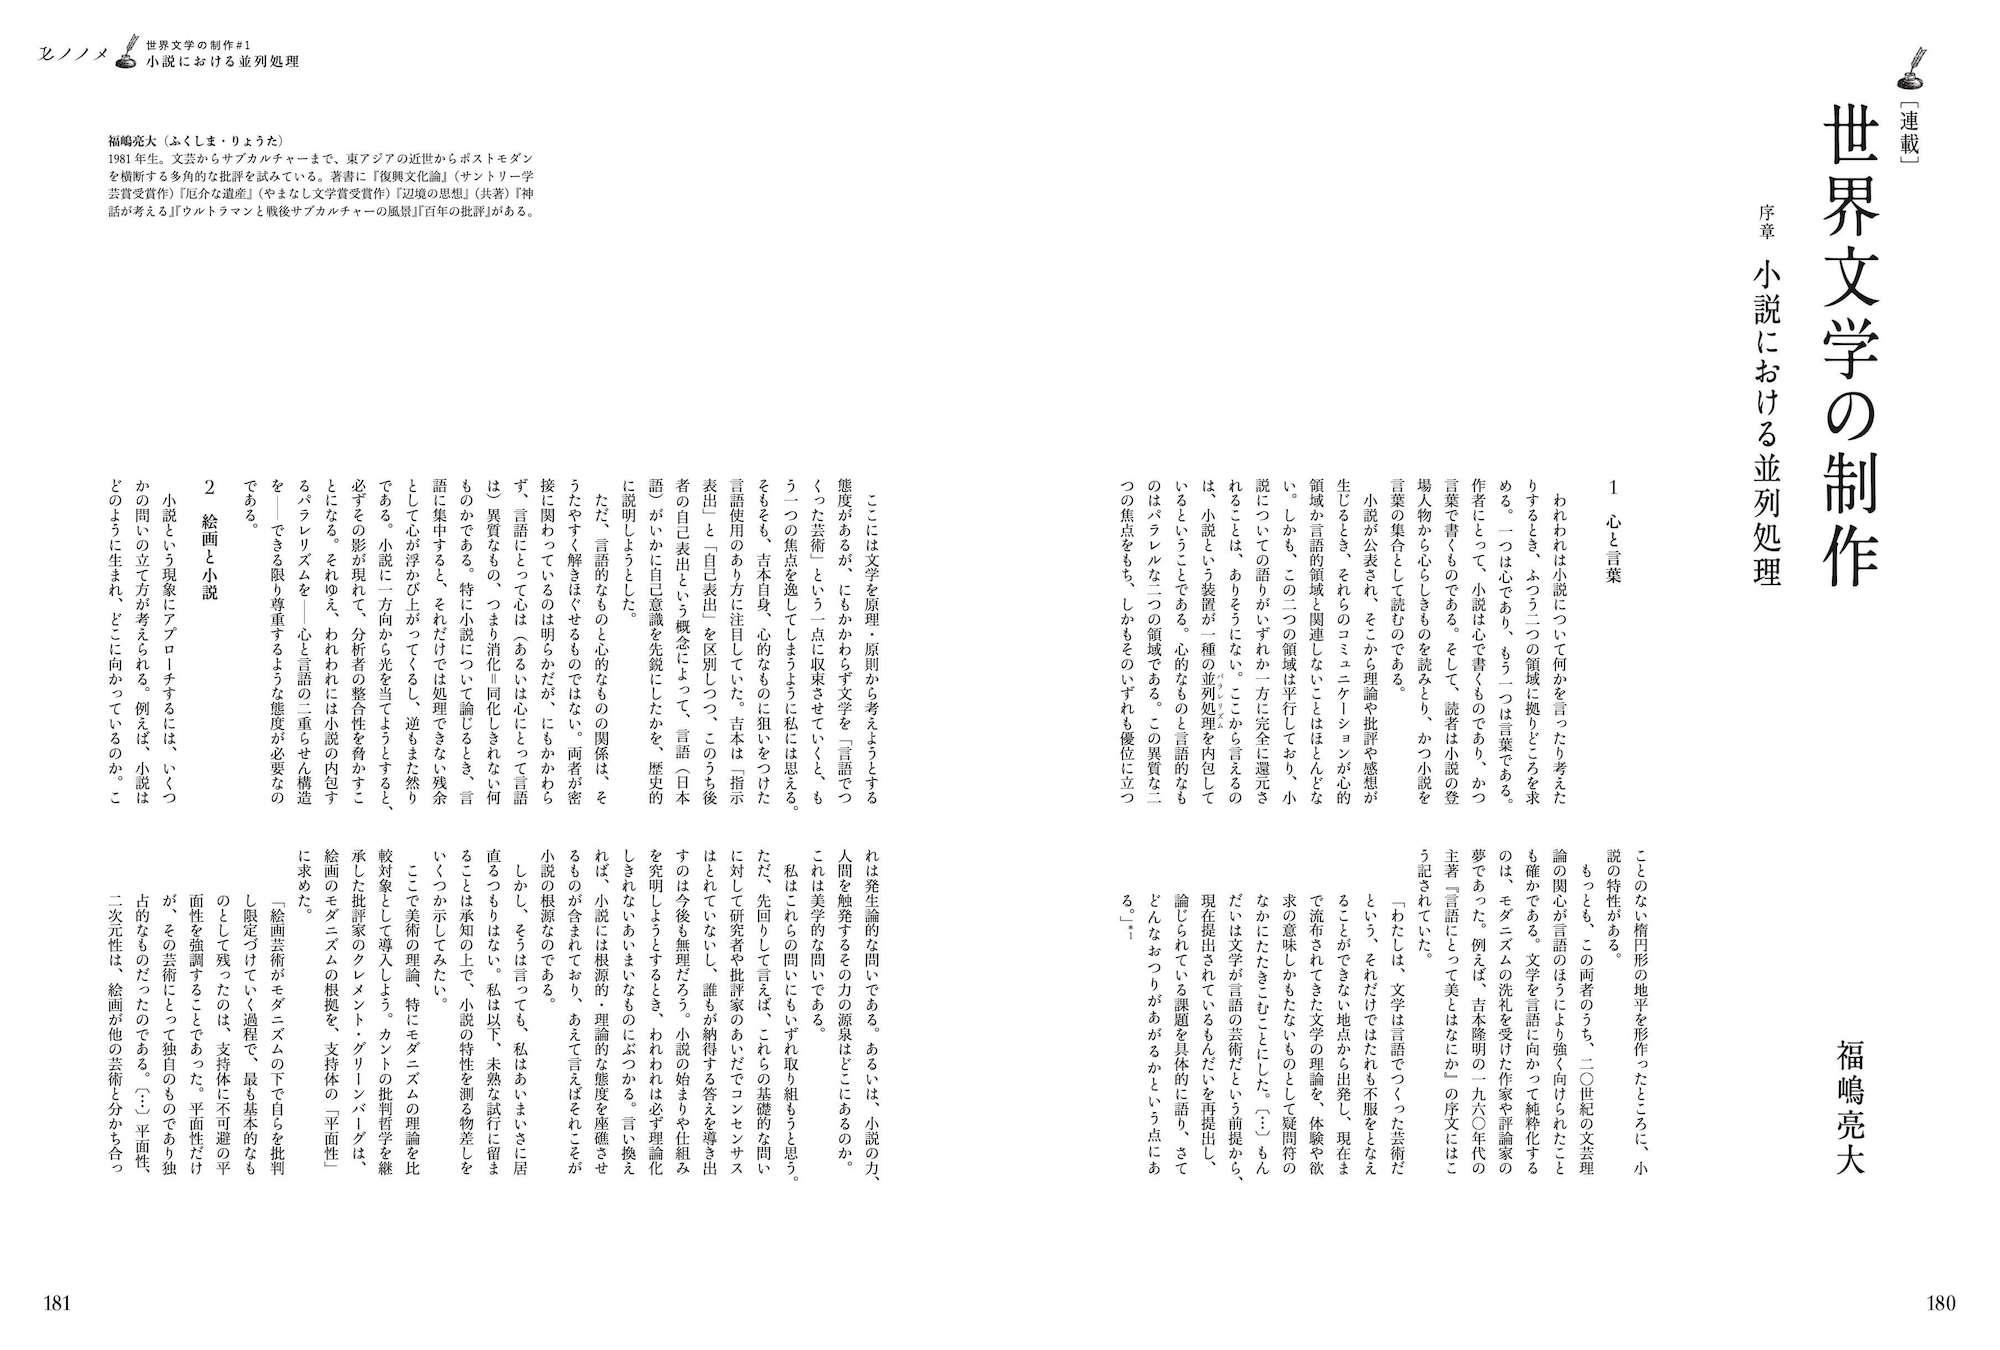 [論考]福嶋亮大 世界文学の制作 序:小説における並行処理 について